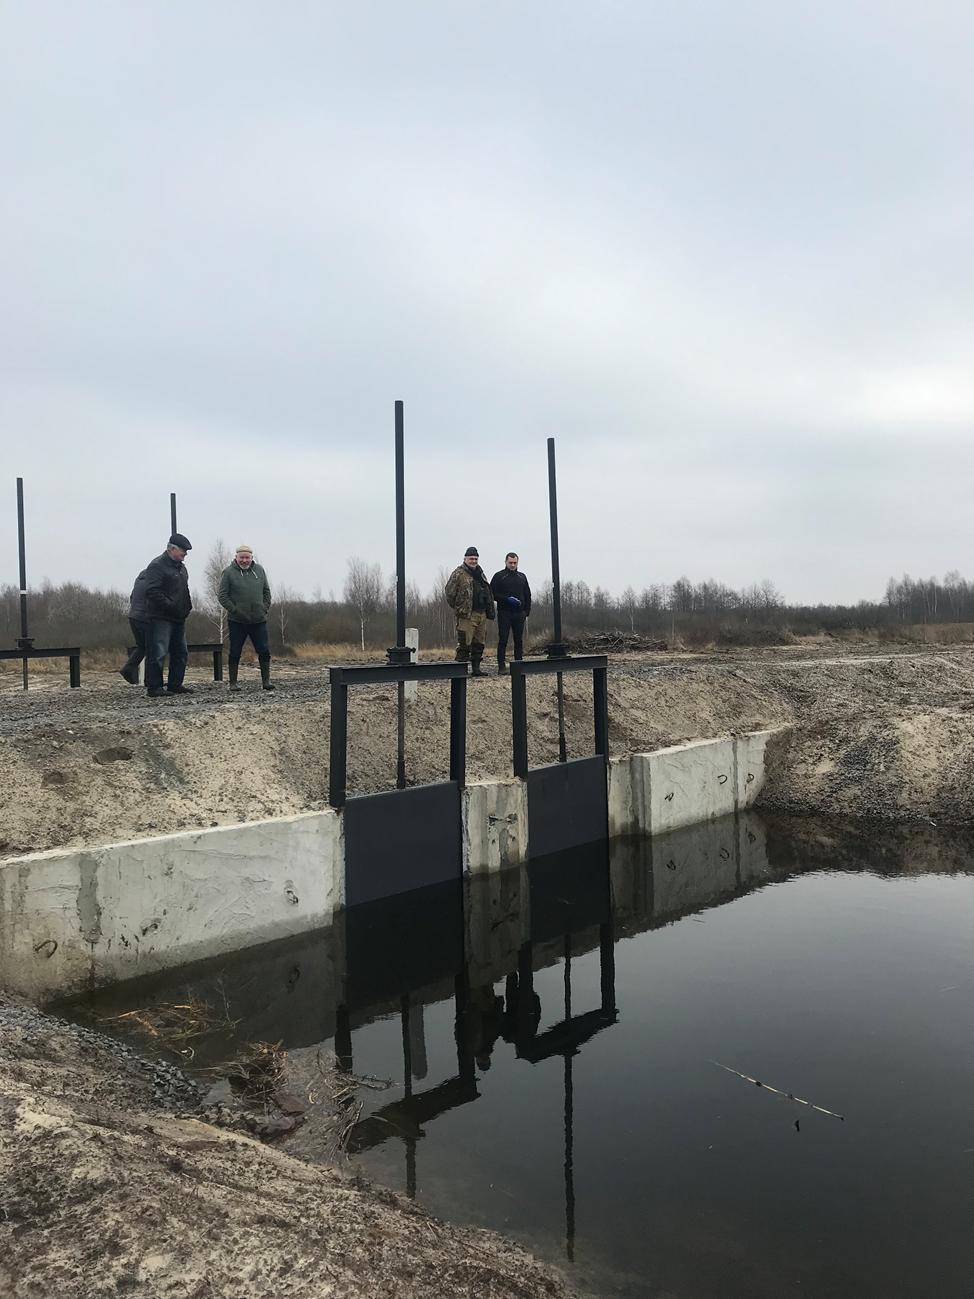 Основное водорегулирующее сооружения, по которому вода поступает на болото